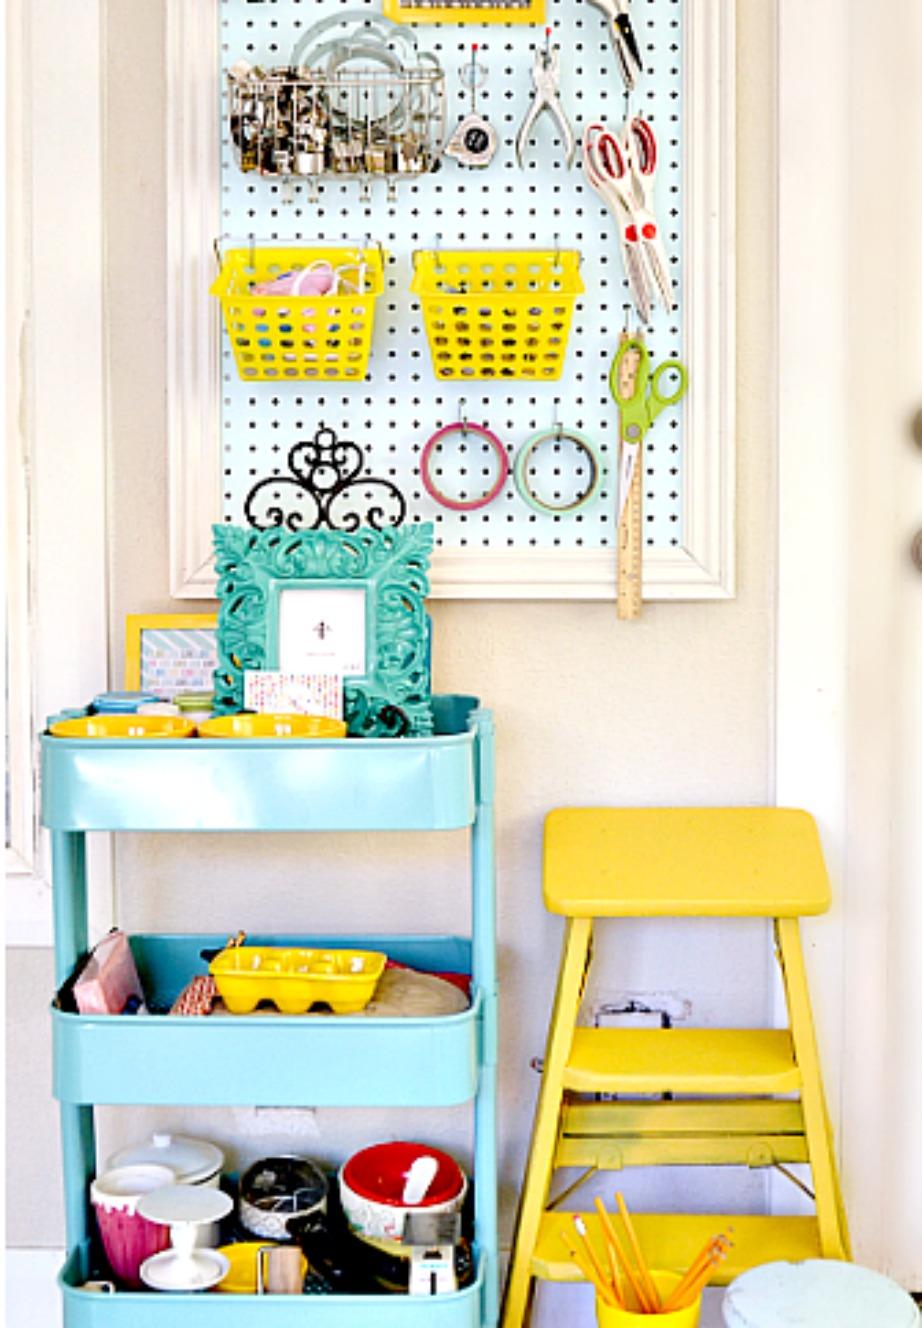 Βρείτε τρόπους να οργανώσετε την ακαταστασία σας χρησιμοποιώντας χρώματα. Δείτε αυτόν τον πίνακα και τα τραπεζάκια με τα ράφια πόσο βολικά και όμορφα δείχνουν.